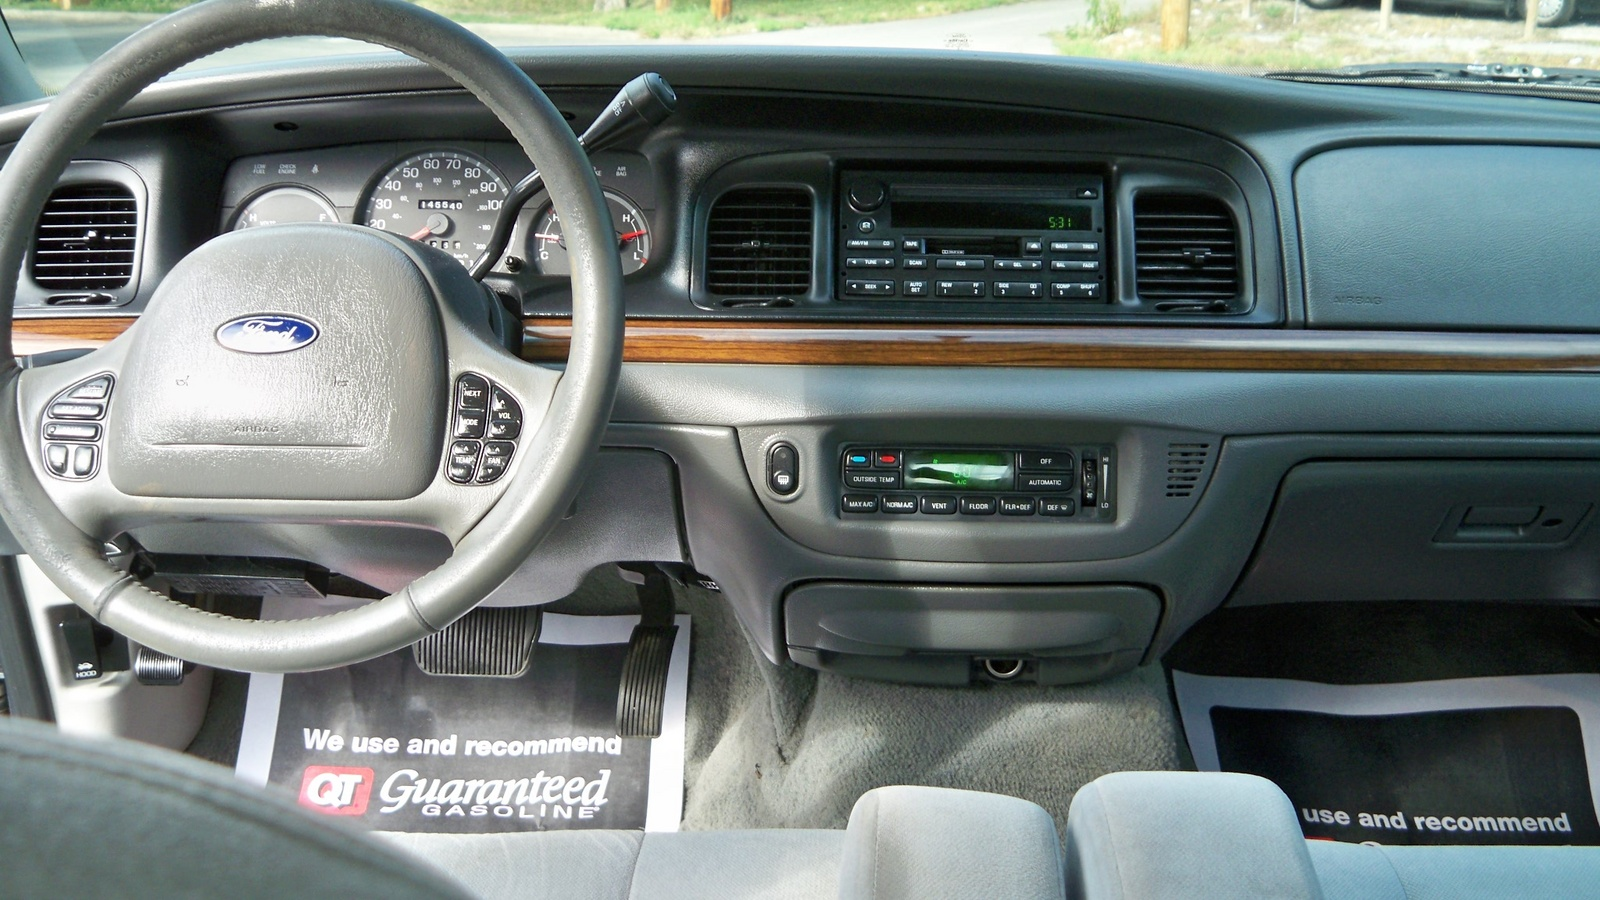 2003 Ford Crown Victoria Interior Pictures Cargurus